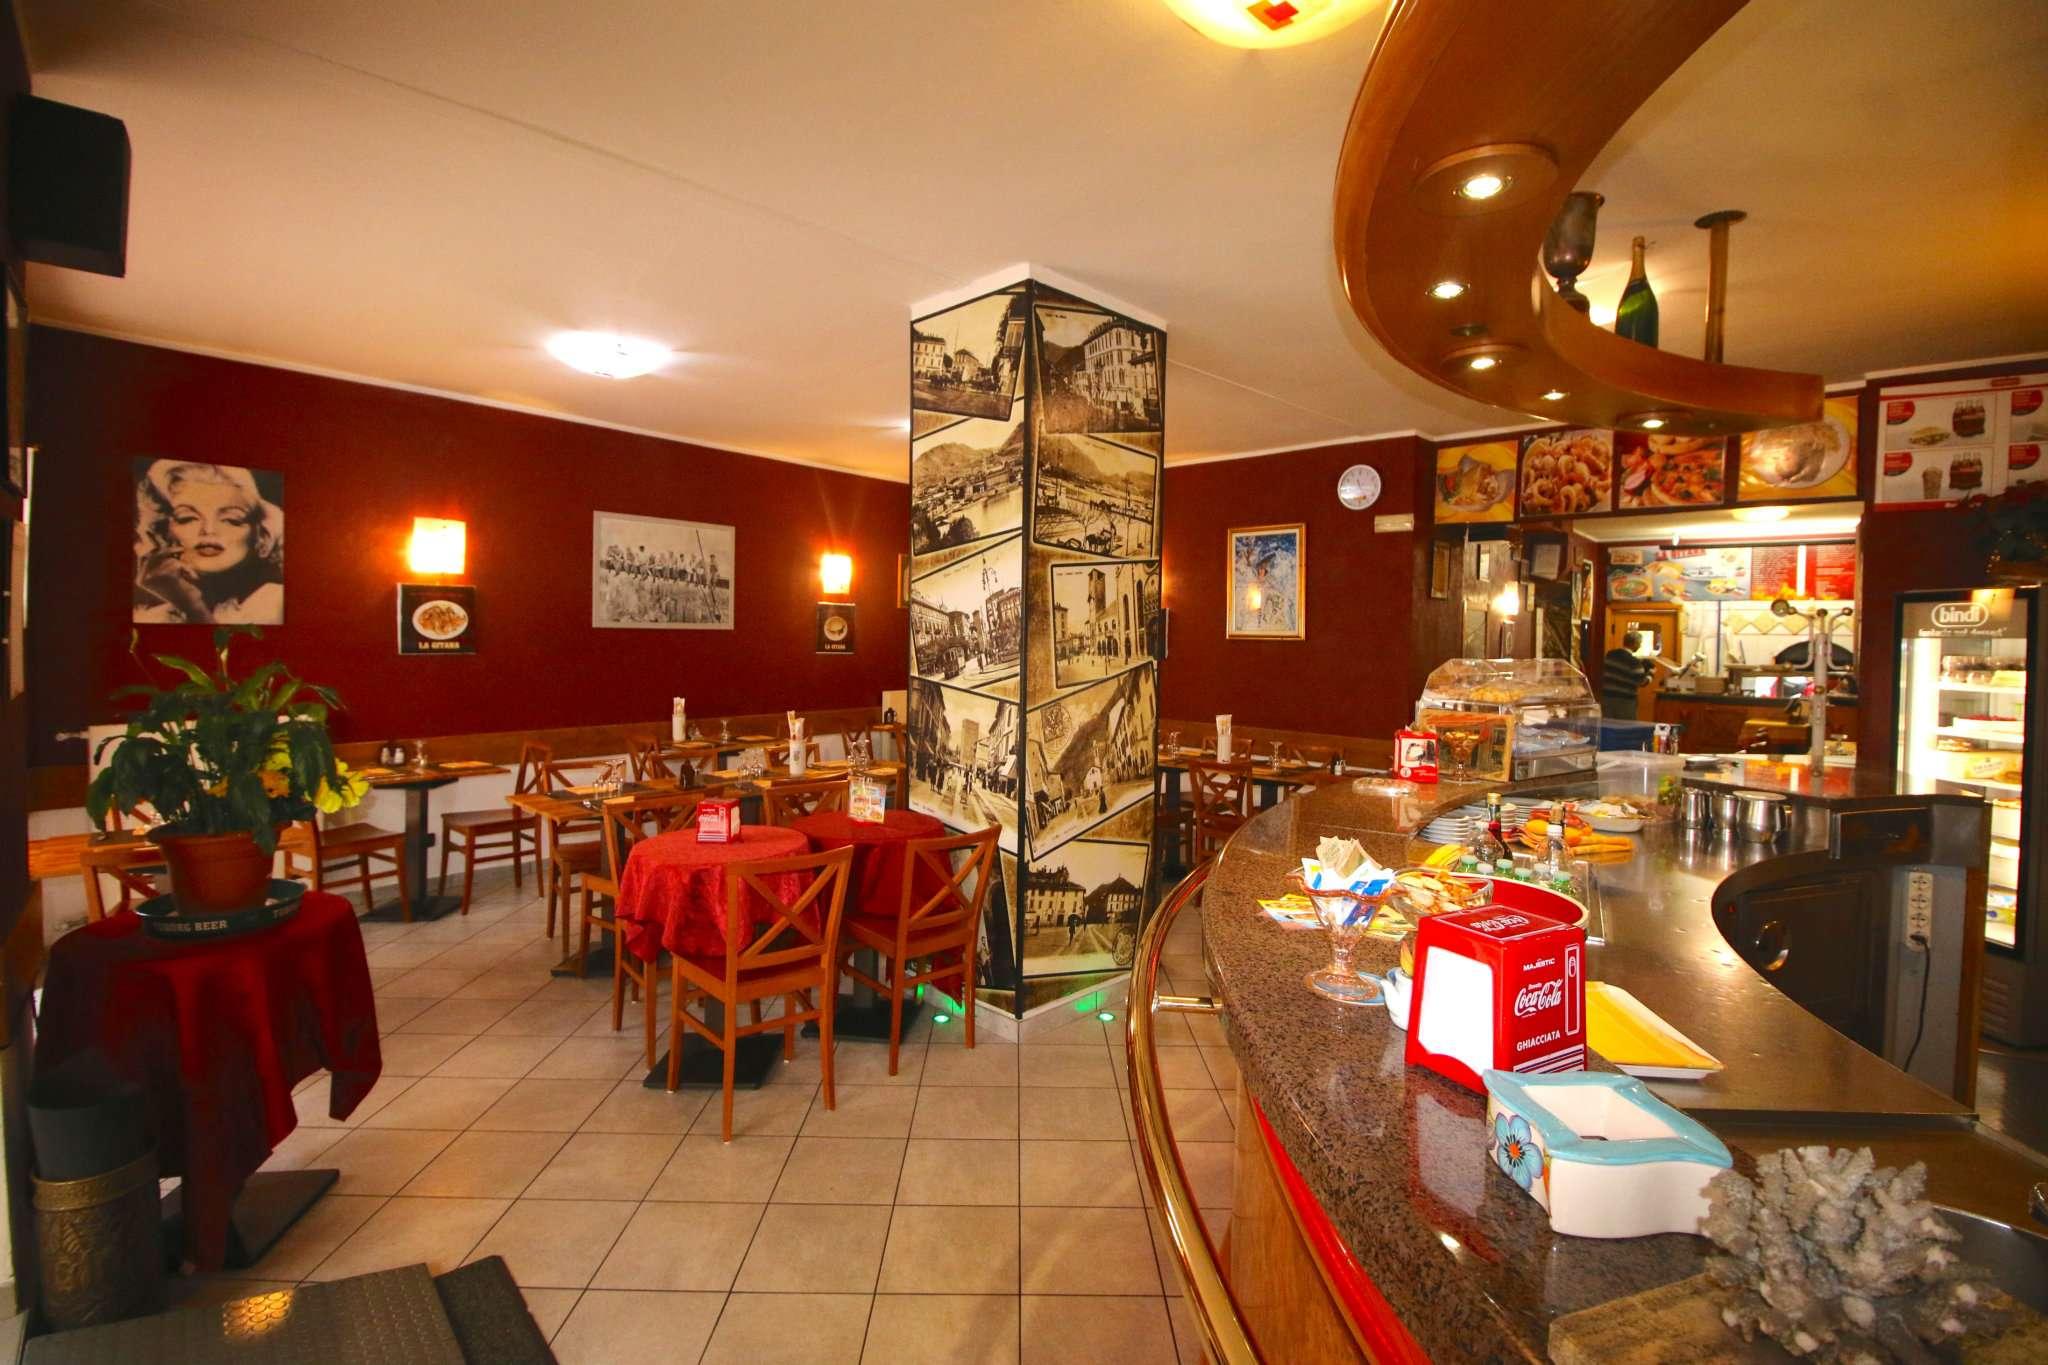 Immobile Commerciale in vendita a Como, 3 locali, zona Borghi, prezzo € 600.000   PortaleAgenzieImmobiliari.it